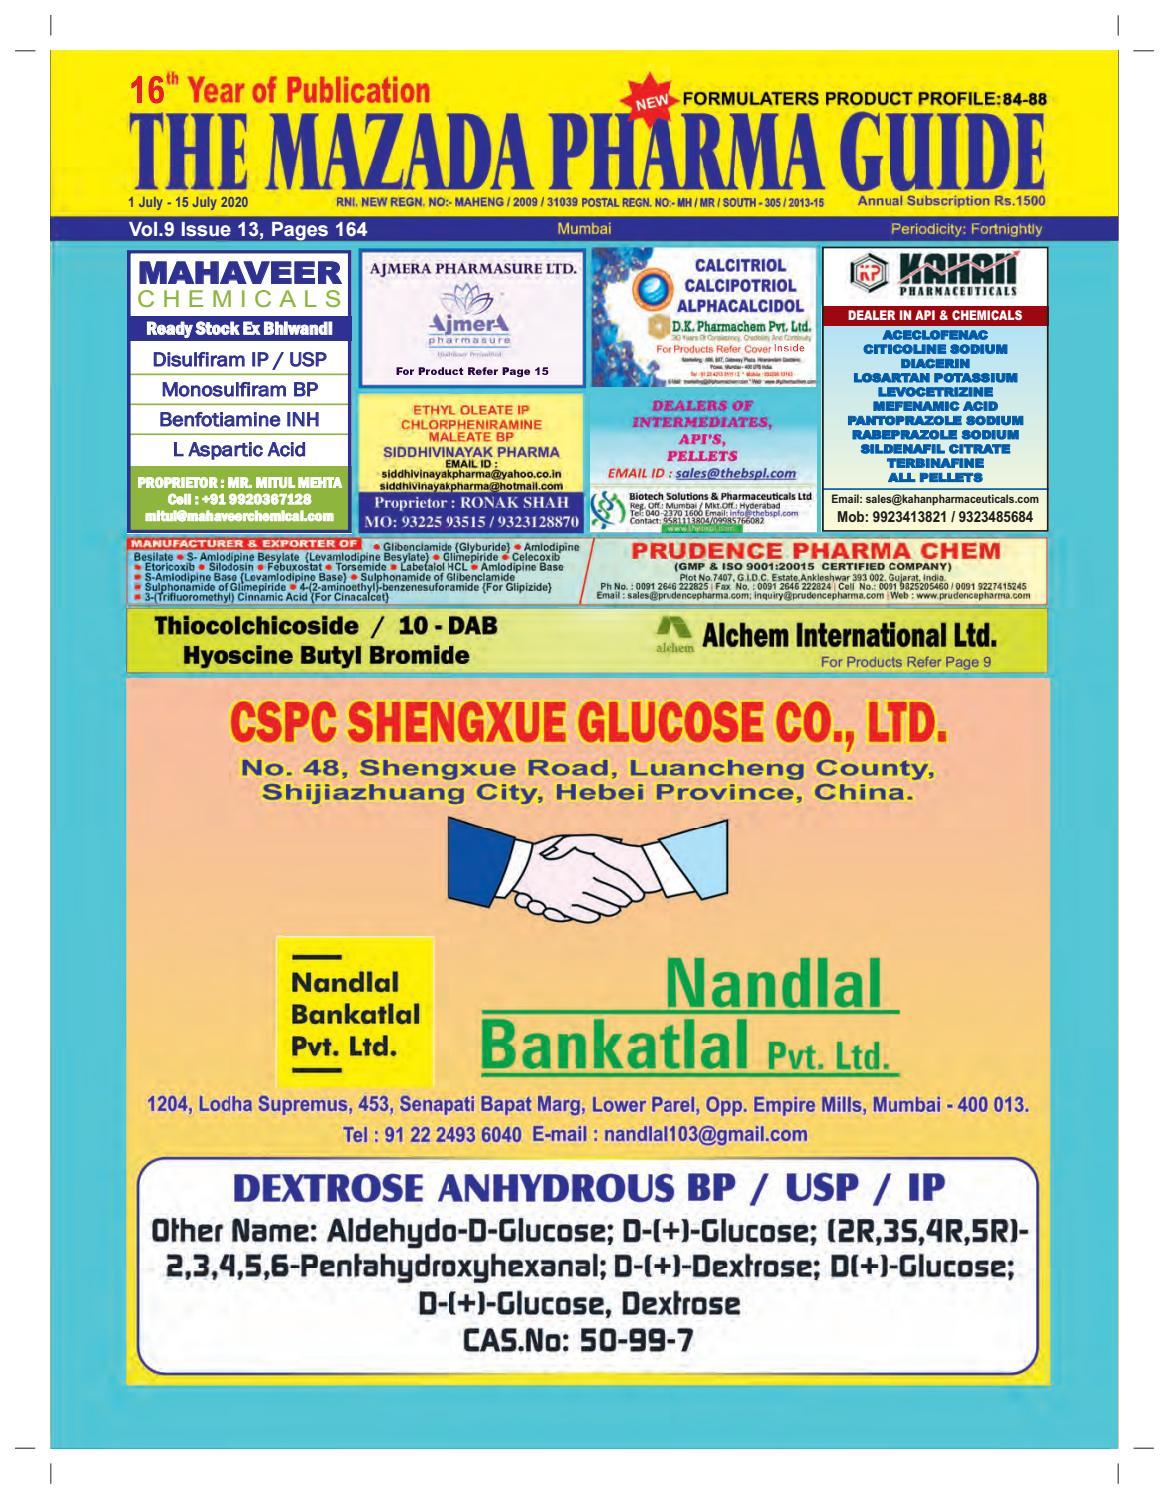 The Mazada Pharma Guide 1st July 2020 By The Mazada Pharma Guide